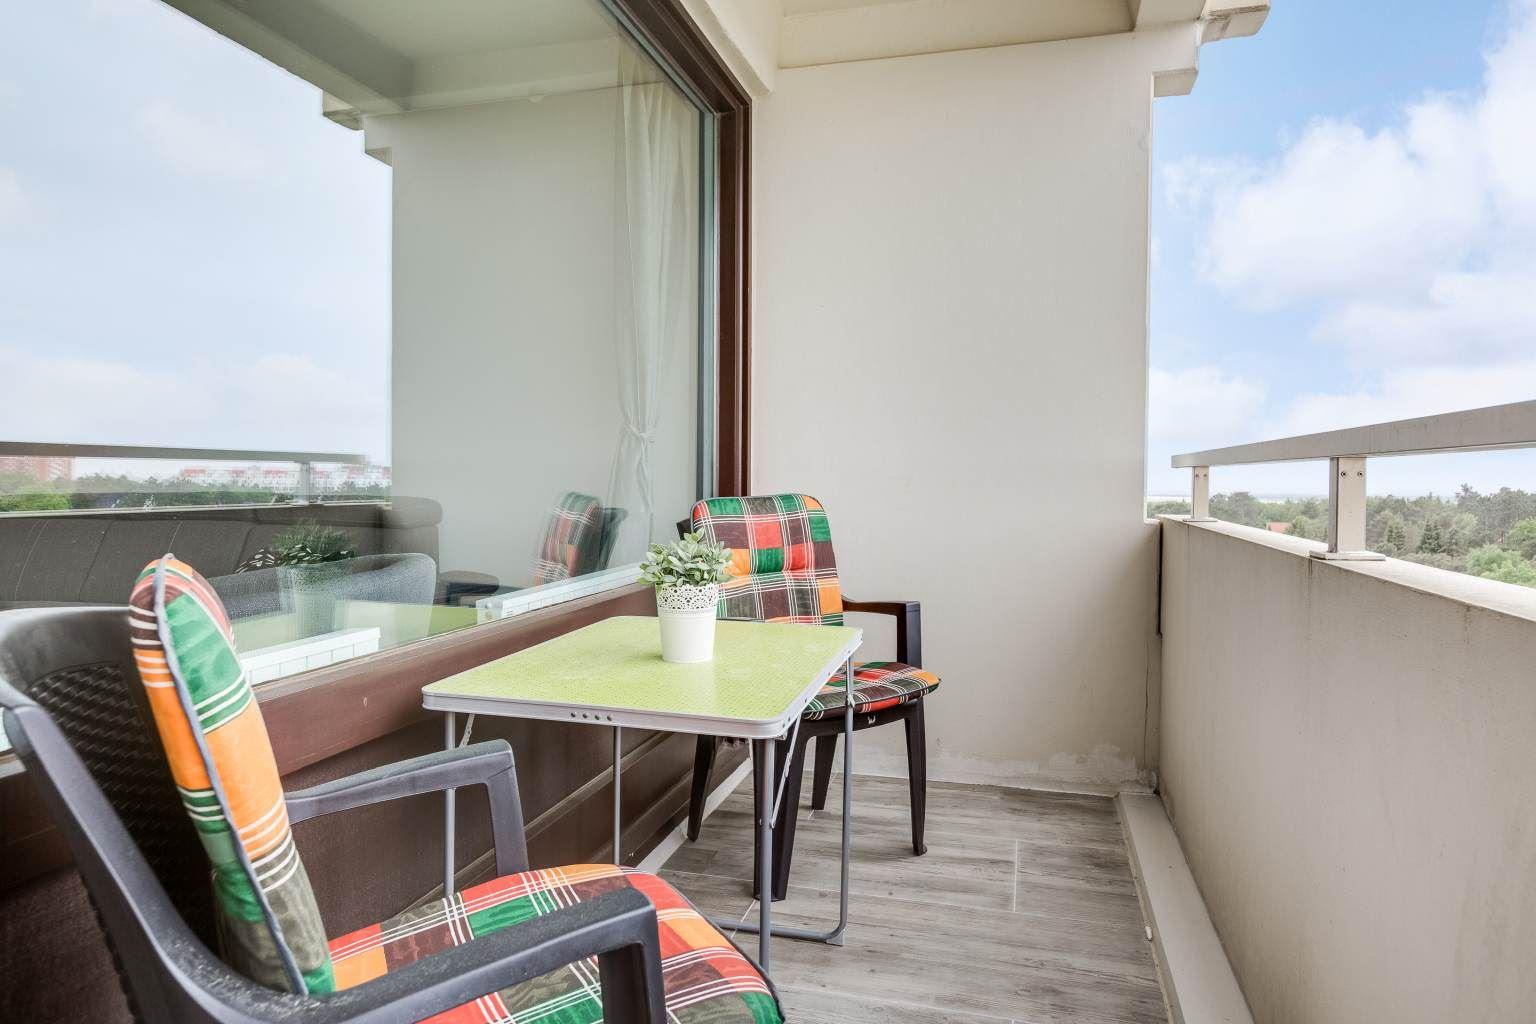 Balkon Haus Atlantic, Wohnung 93, 3-Zimmer-Ferienwohnung für bis zu 4 Personen, Alter Badweg 11-15, St. Peter-Bad